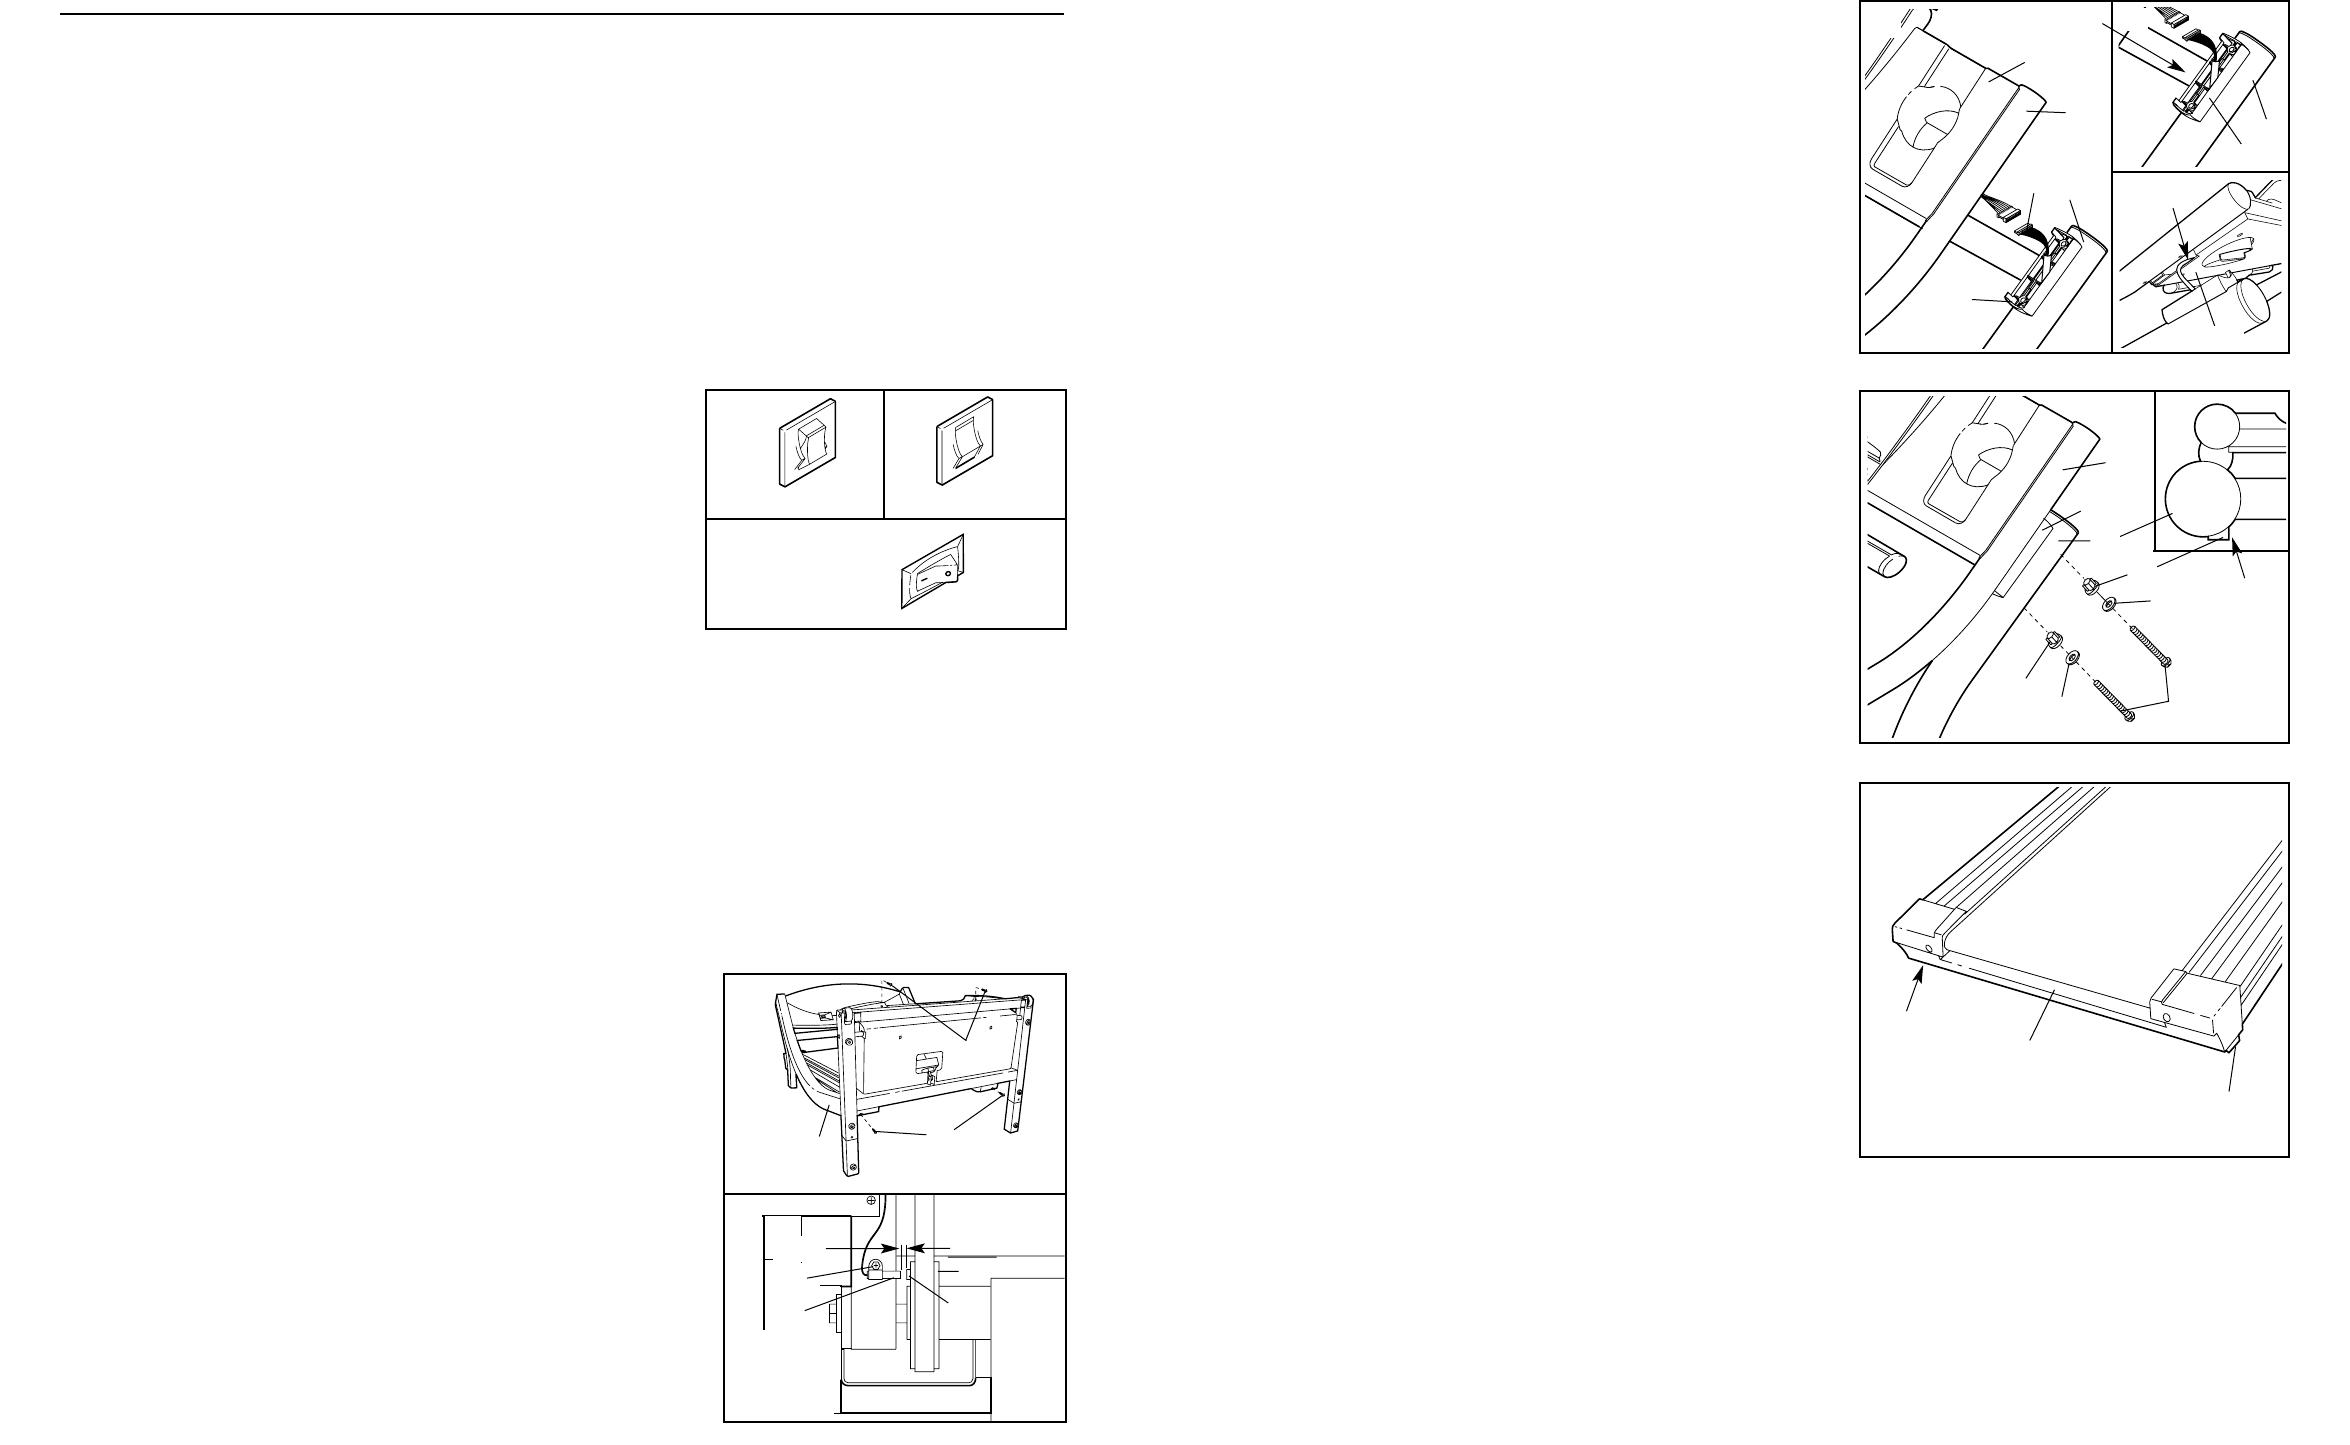 Handleiding NordicTrack EXP 2000 - NETL11900 (pagina 1 van 18) (Deutsch)